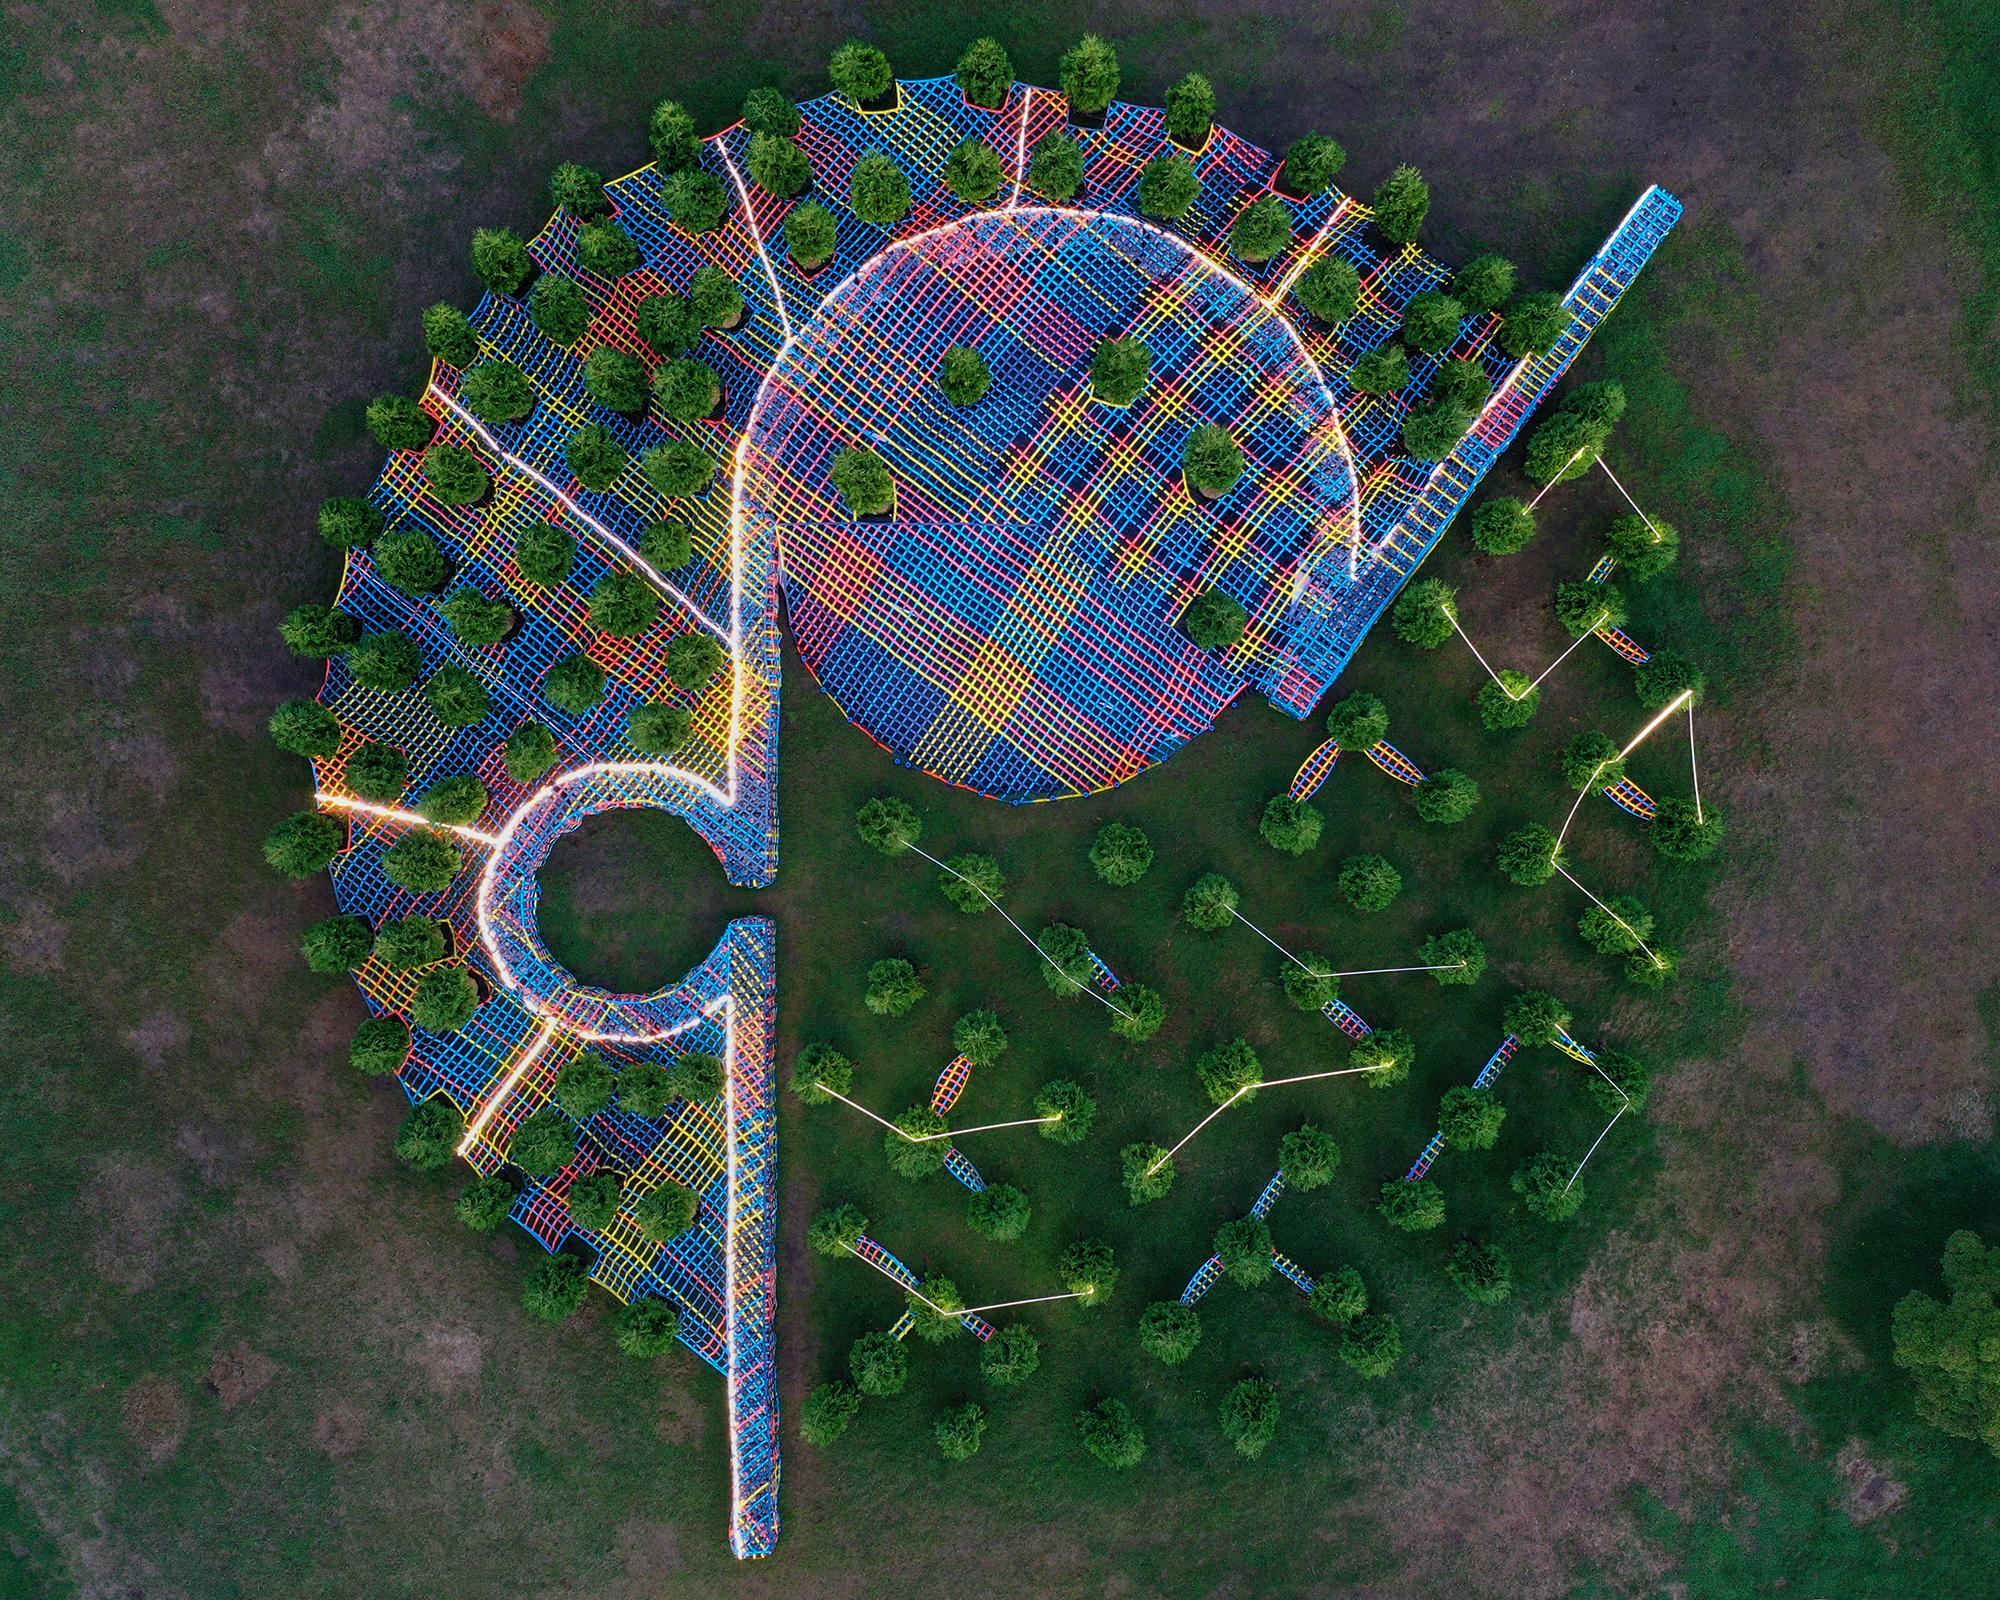 vista aerea de la instalacion creada por SO-IL